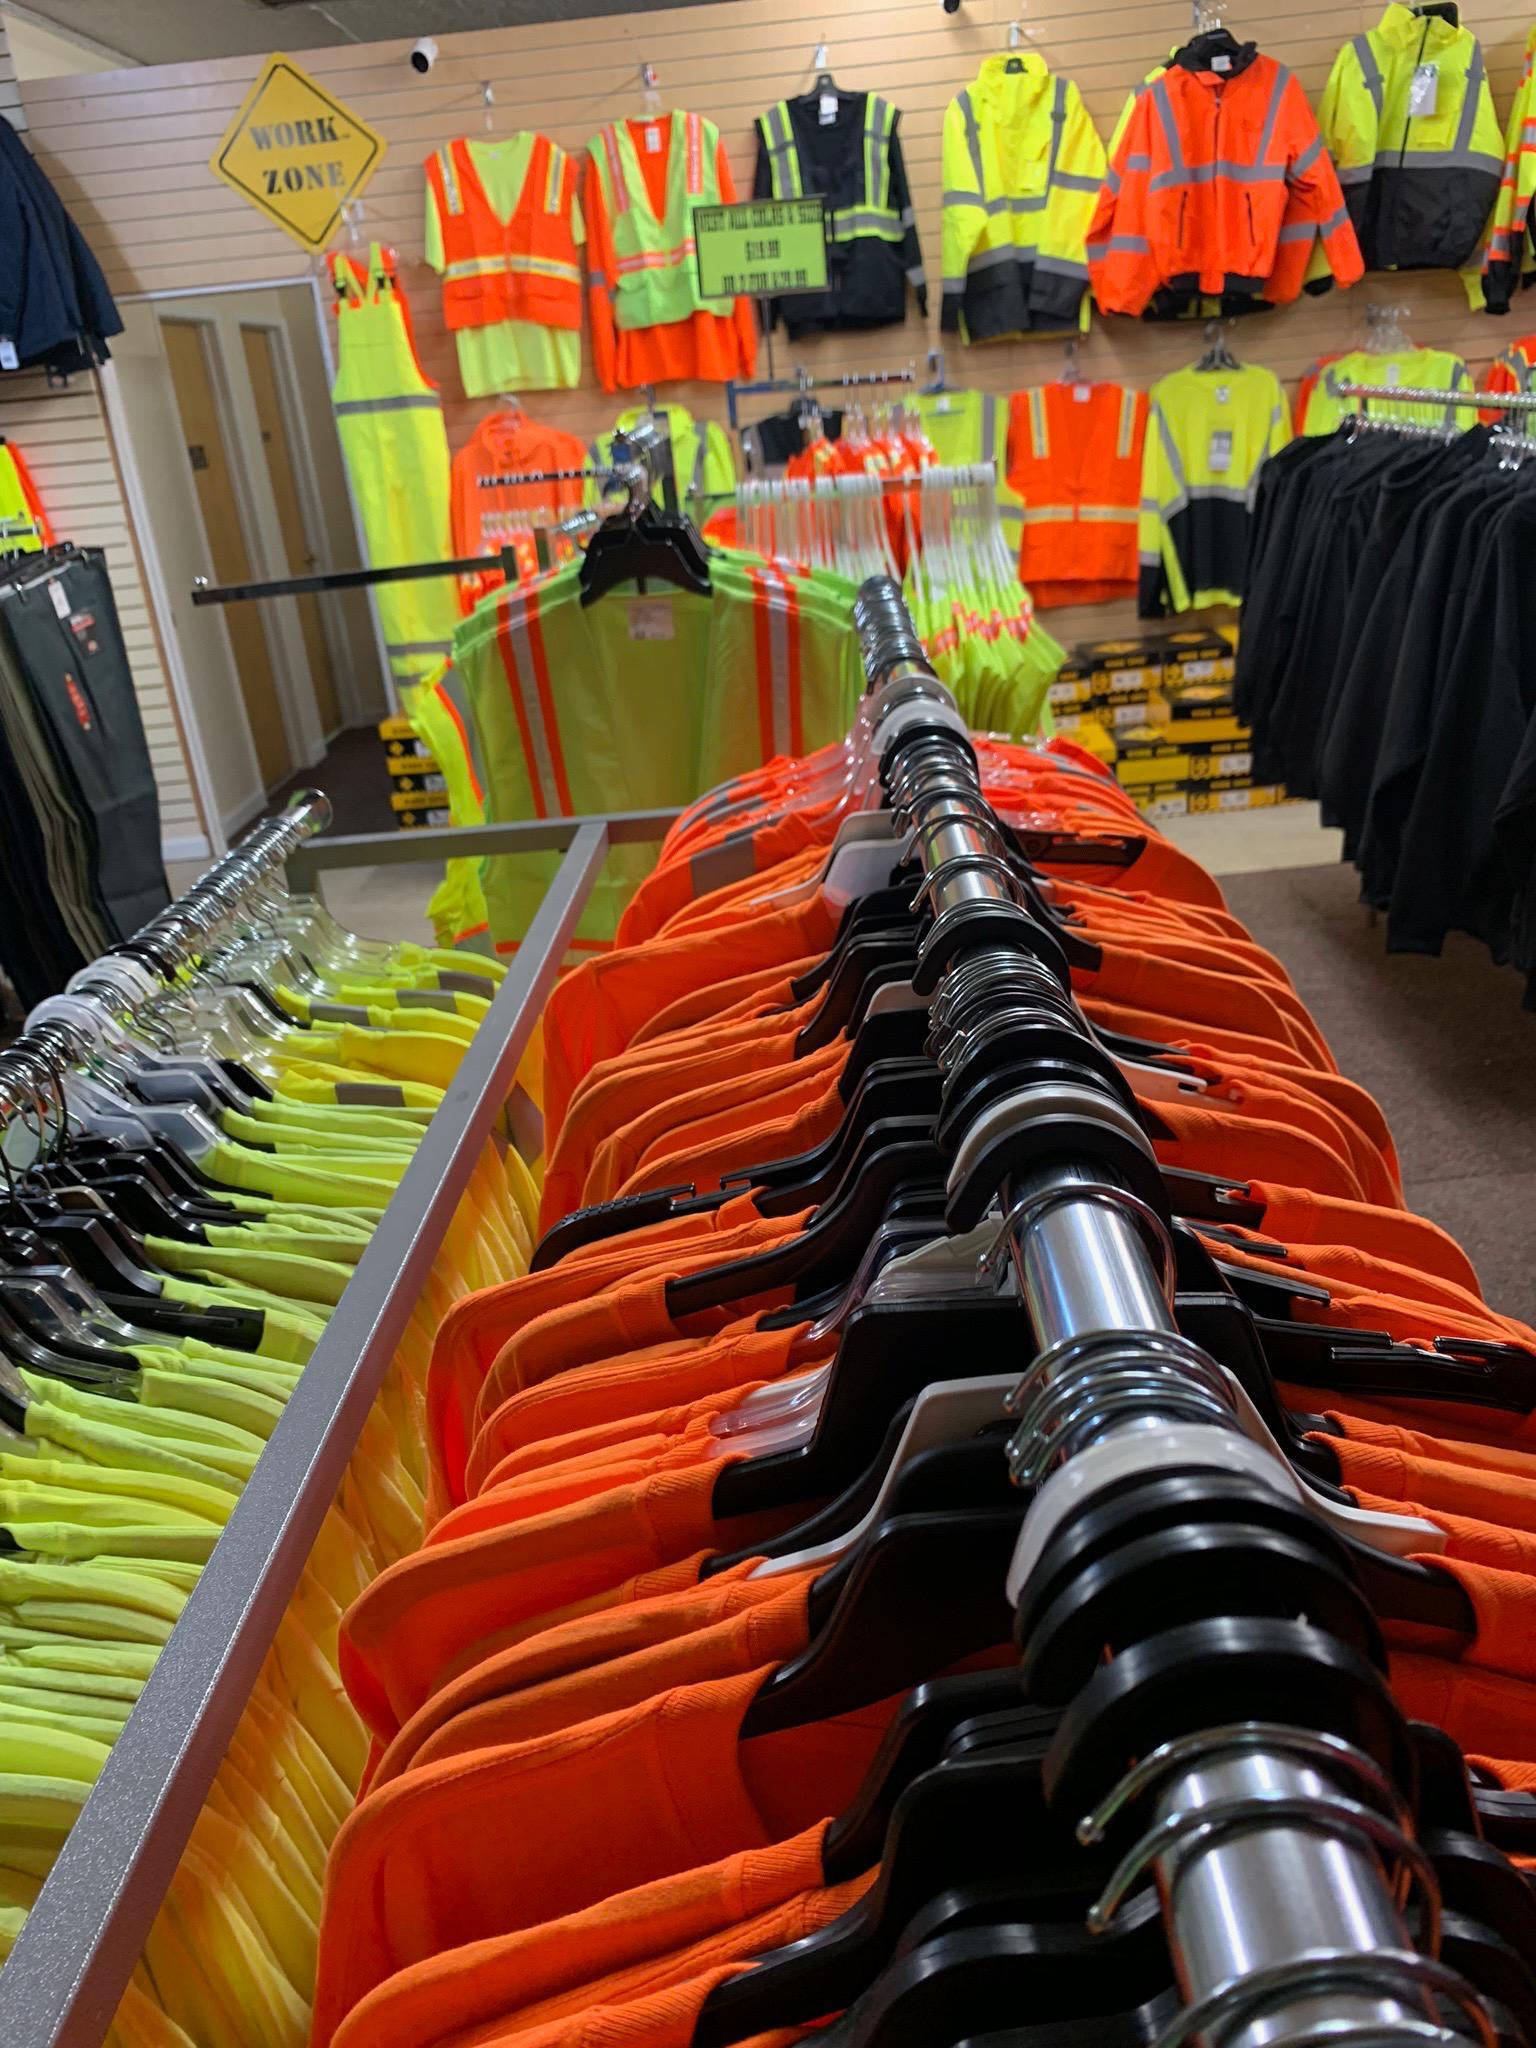 Work Depot image 10